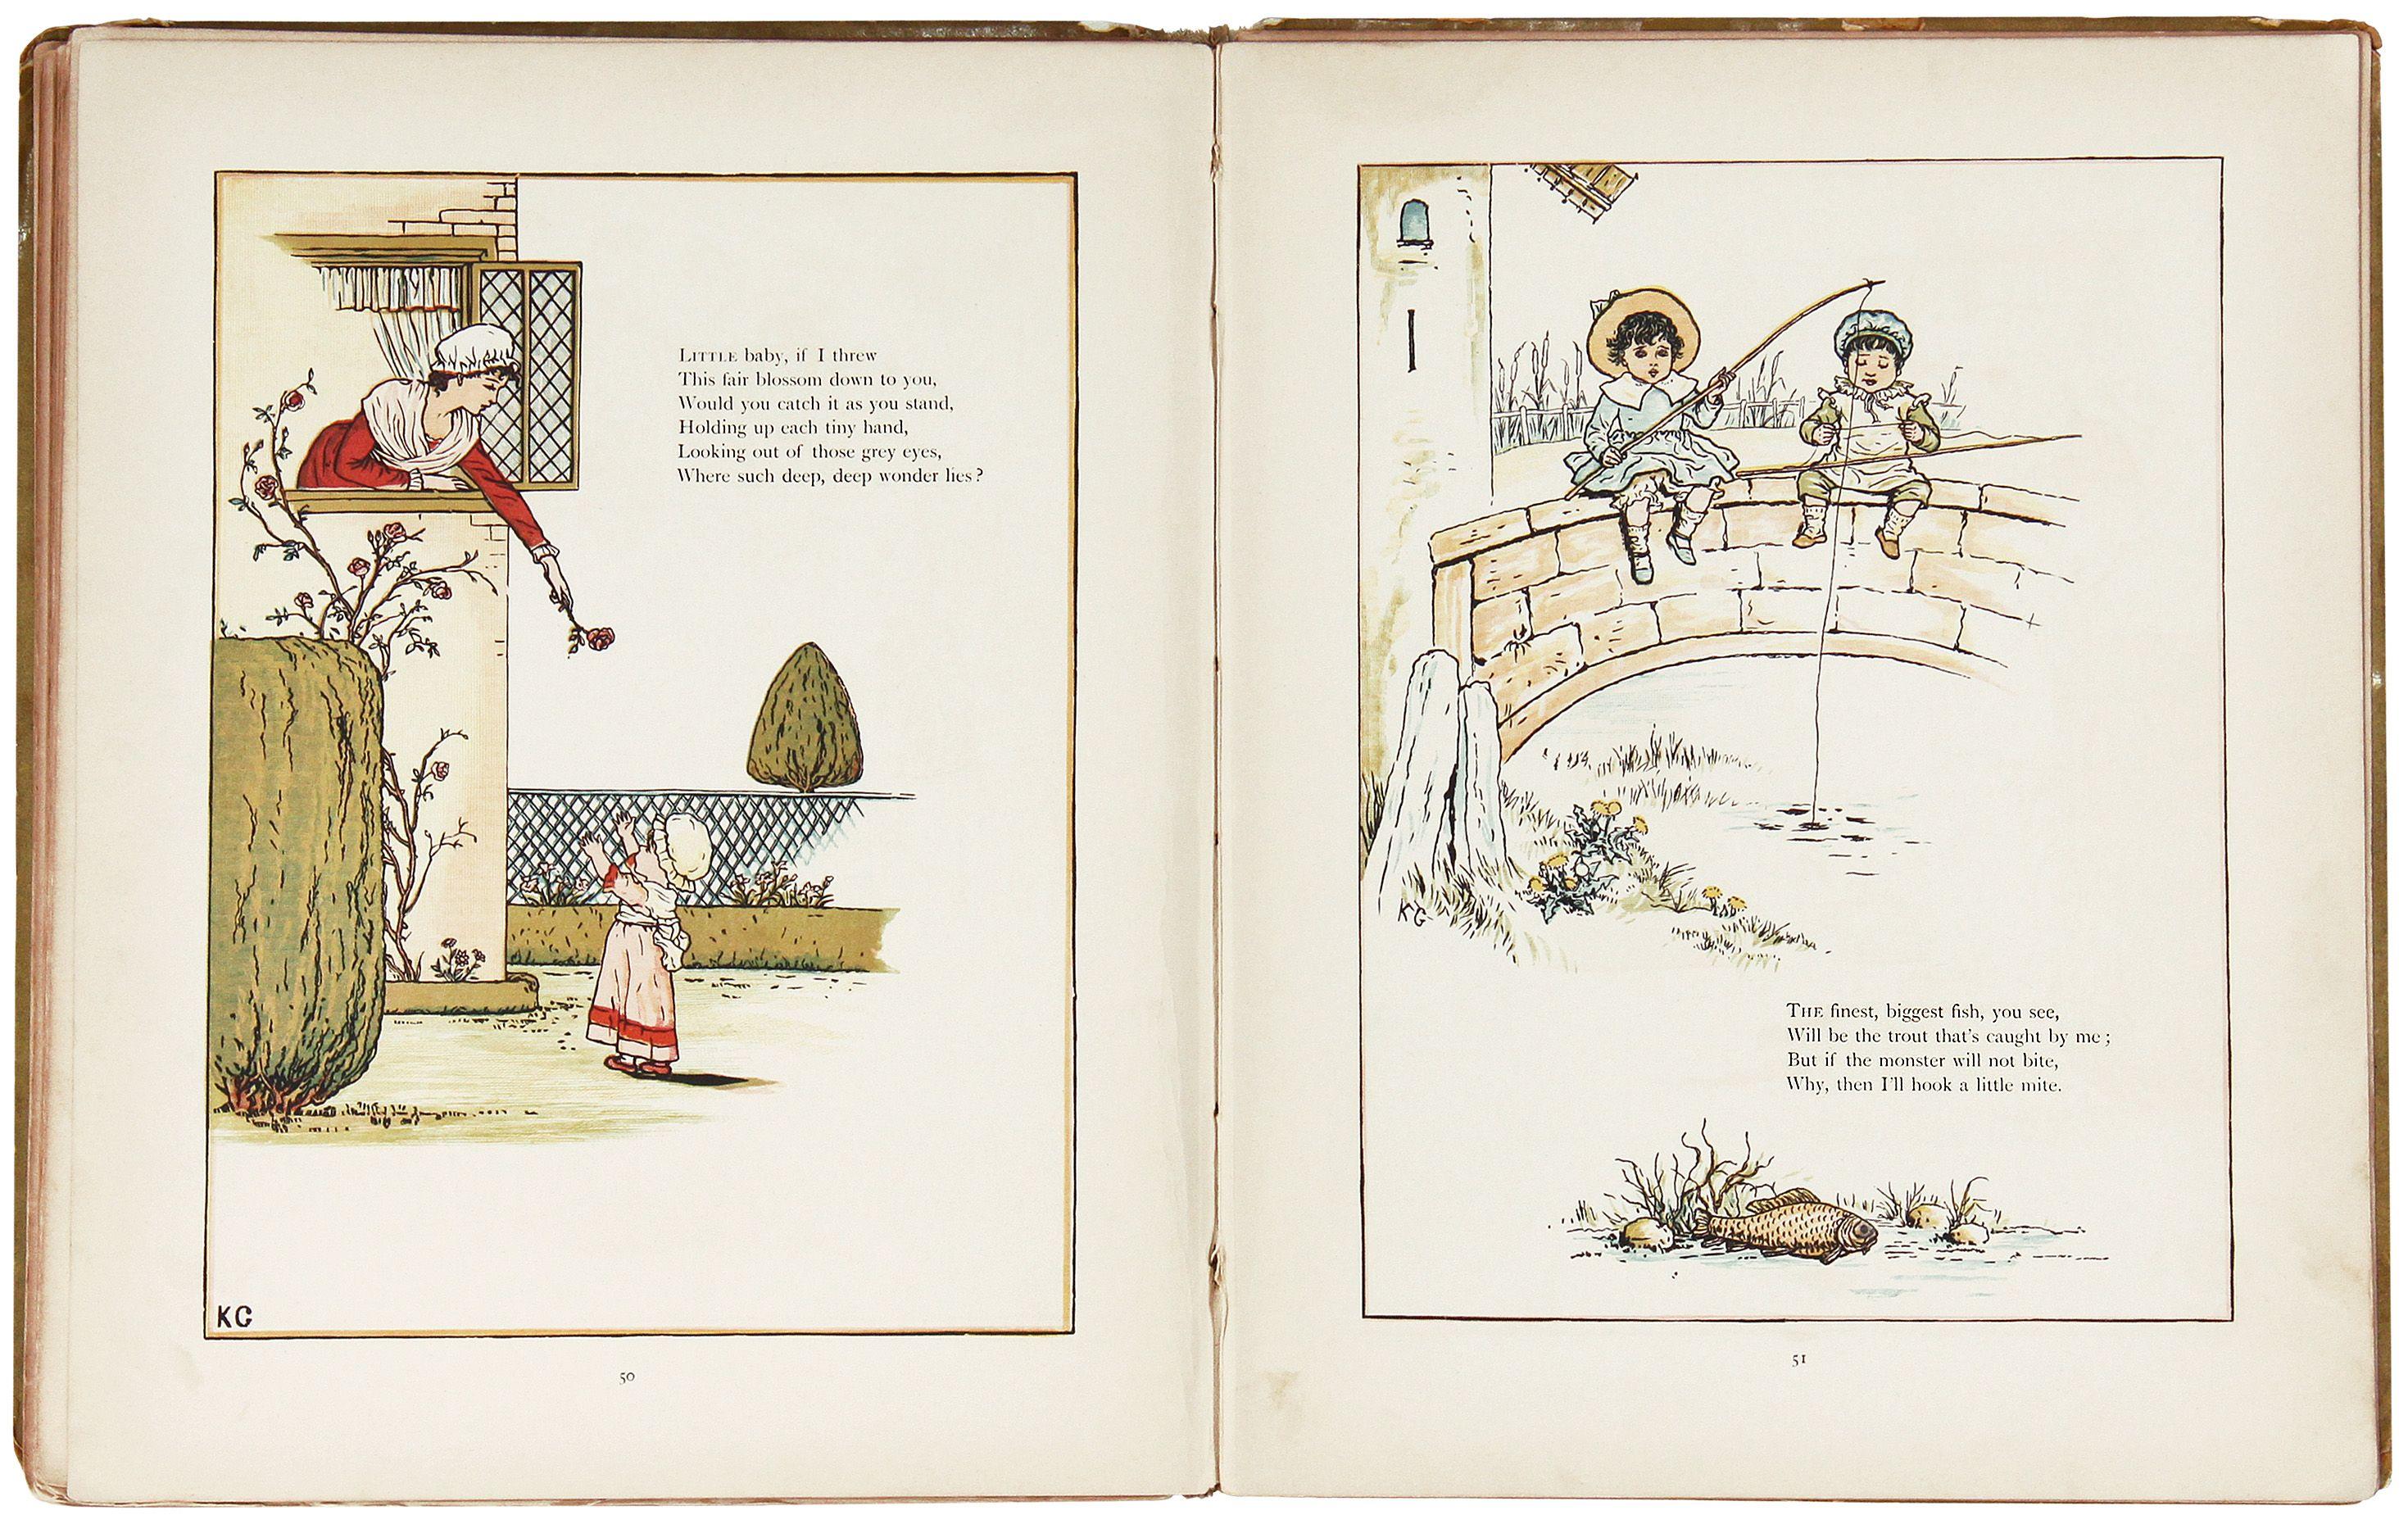 Free Vintage Image ~ Storybook Pages | Old Design Shop ...